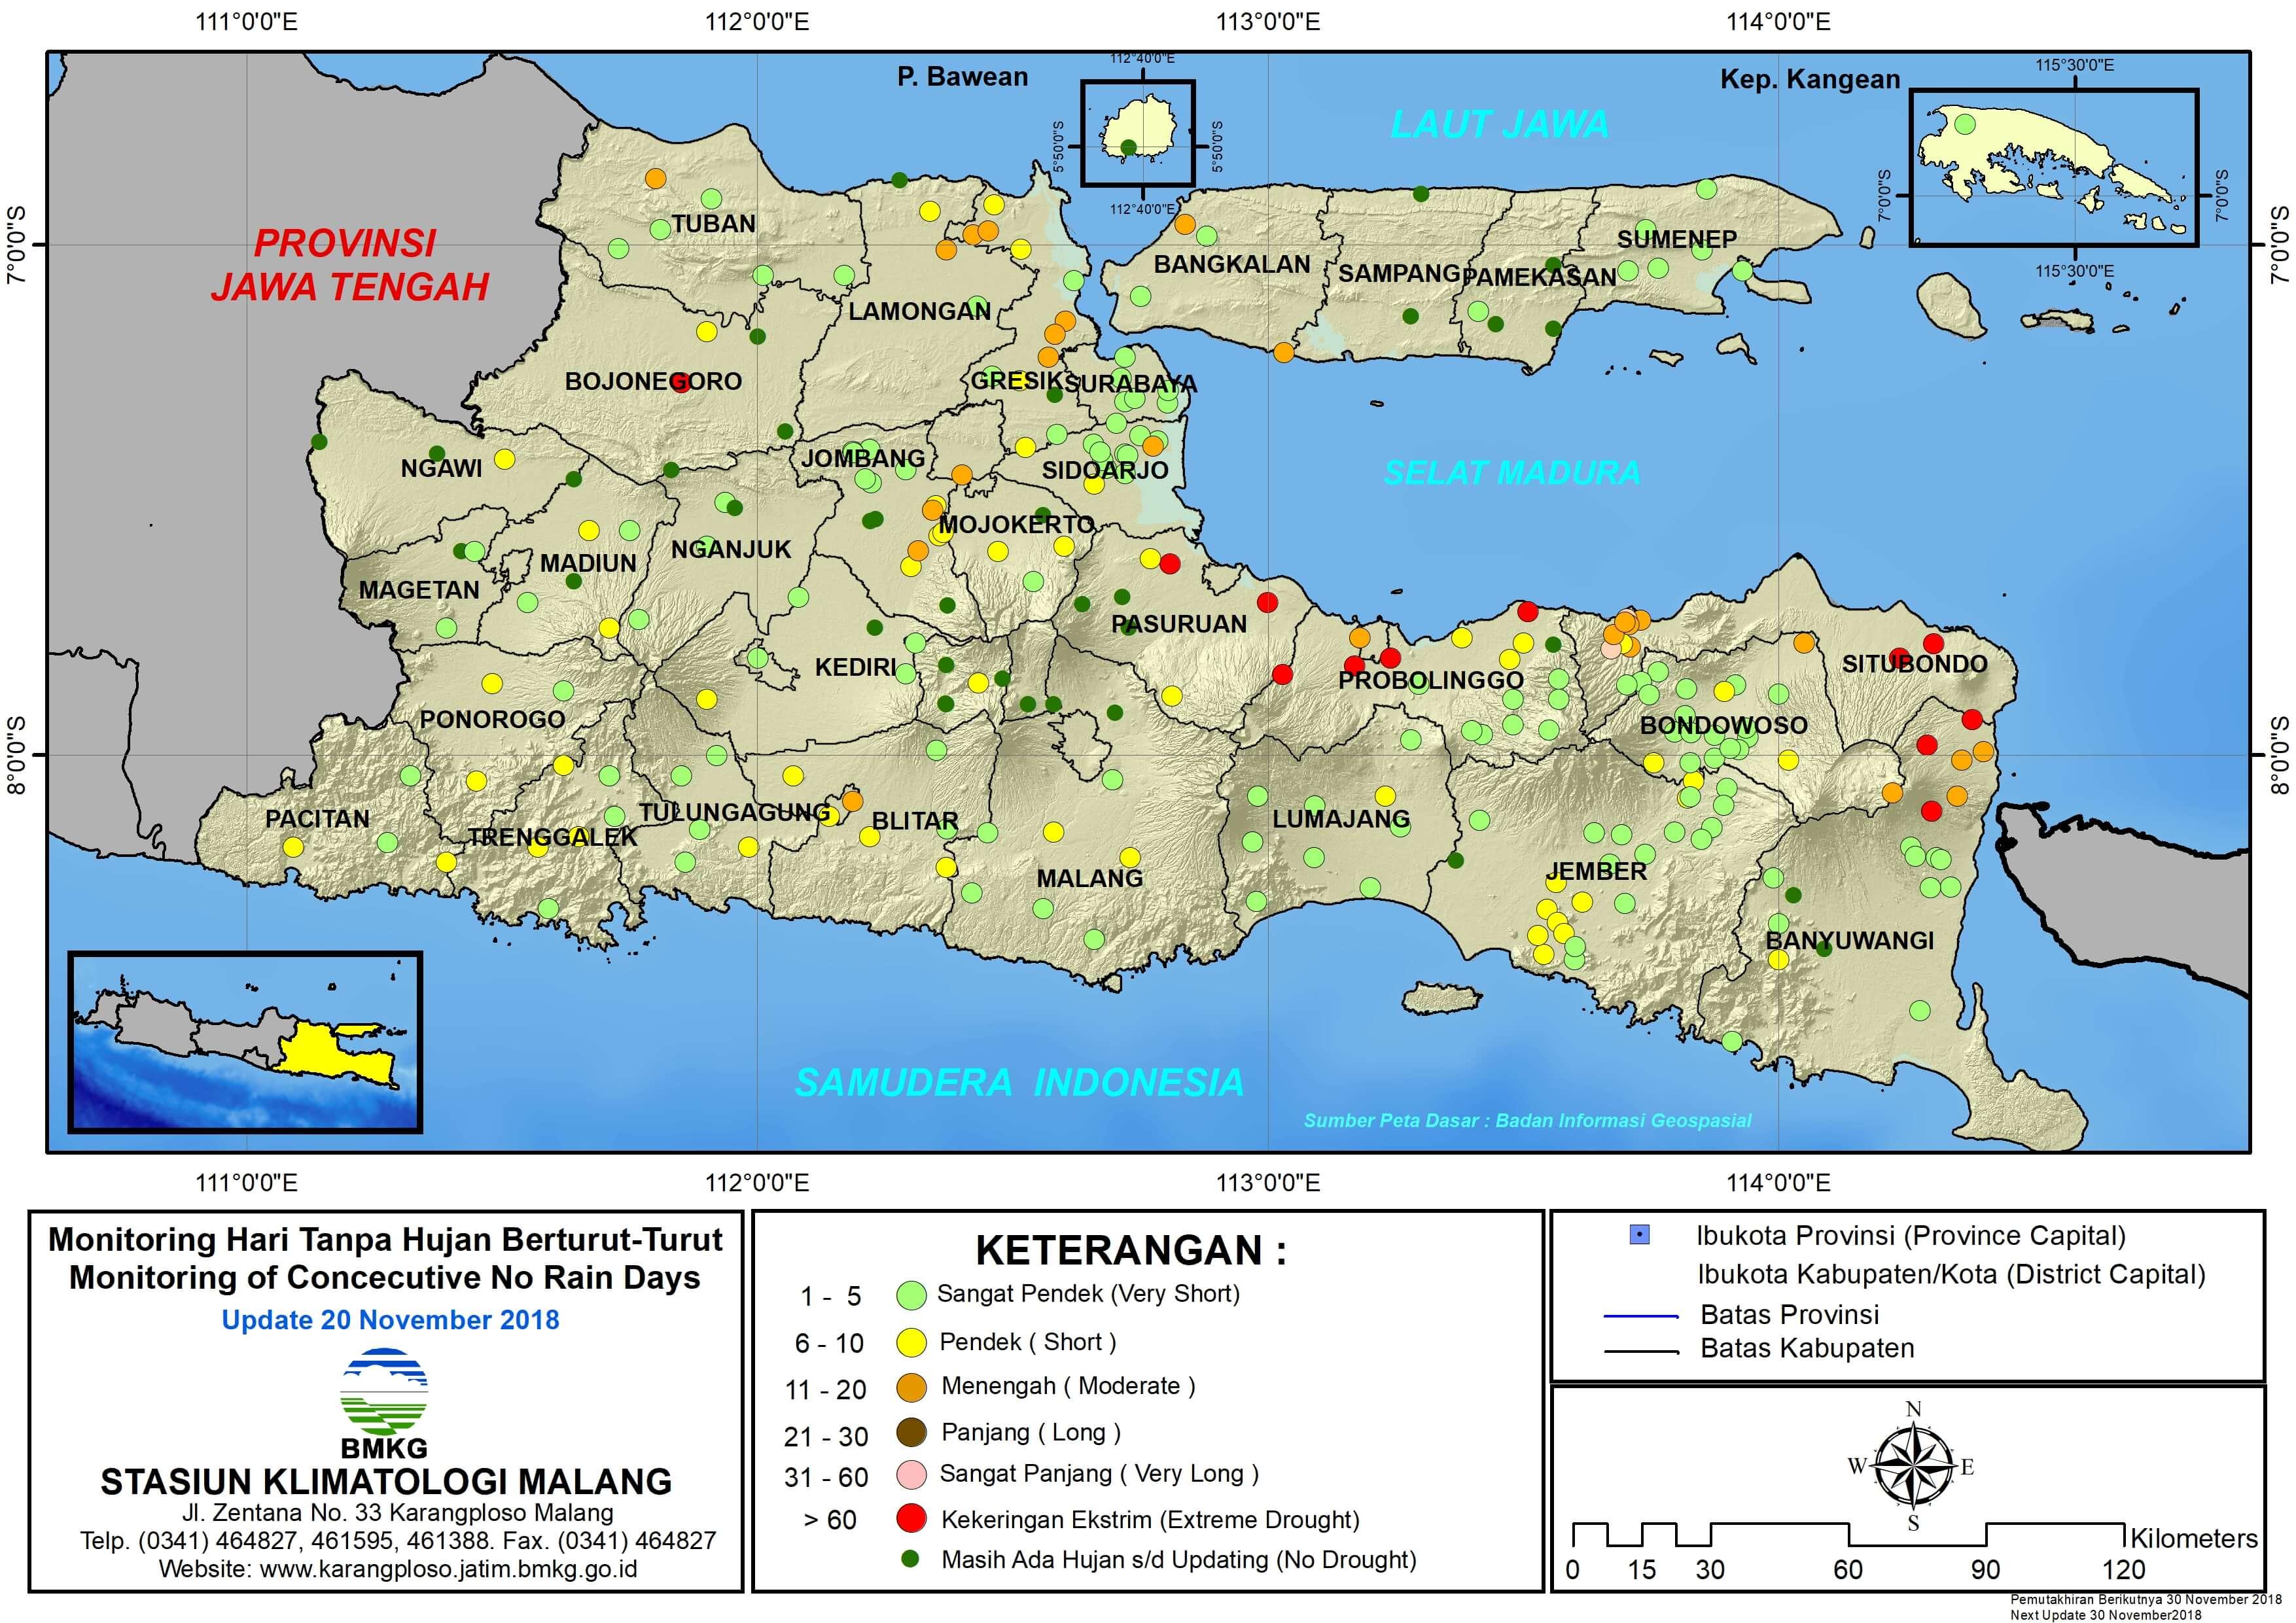 Peta Monitoring Hari Tanpa Hujan Berturut Turut Update 20 November 2018 di Provinsi Jawa Timur